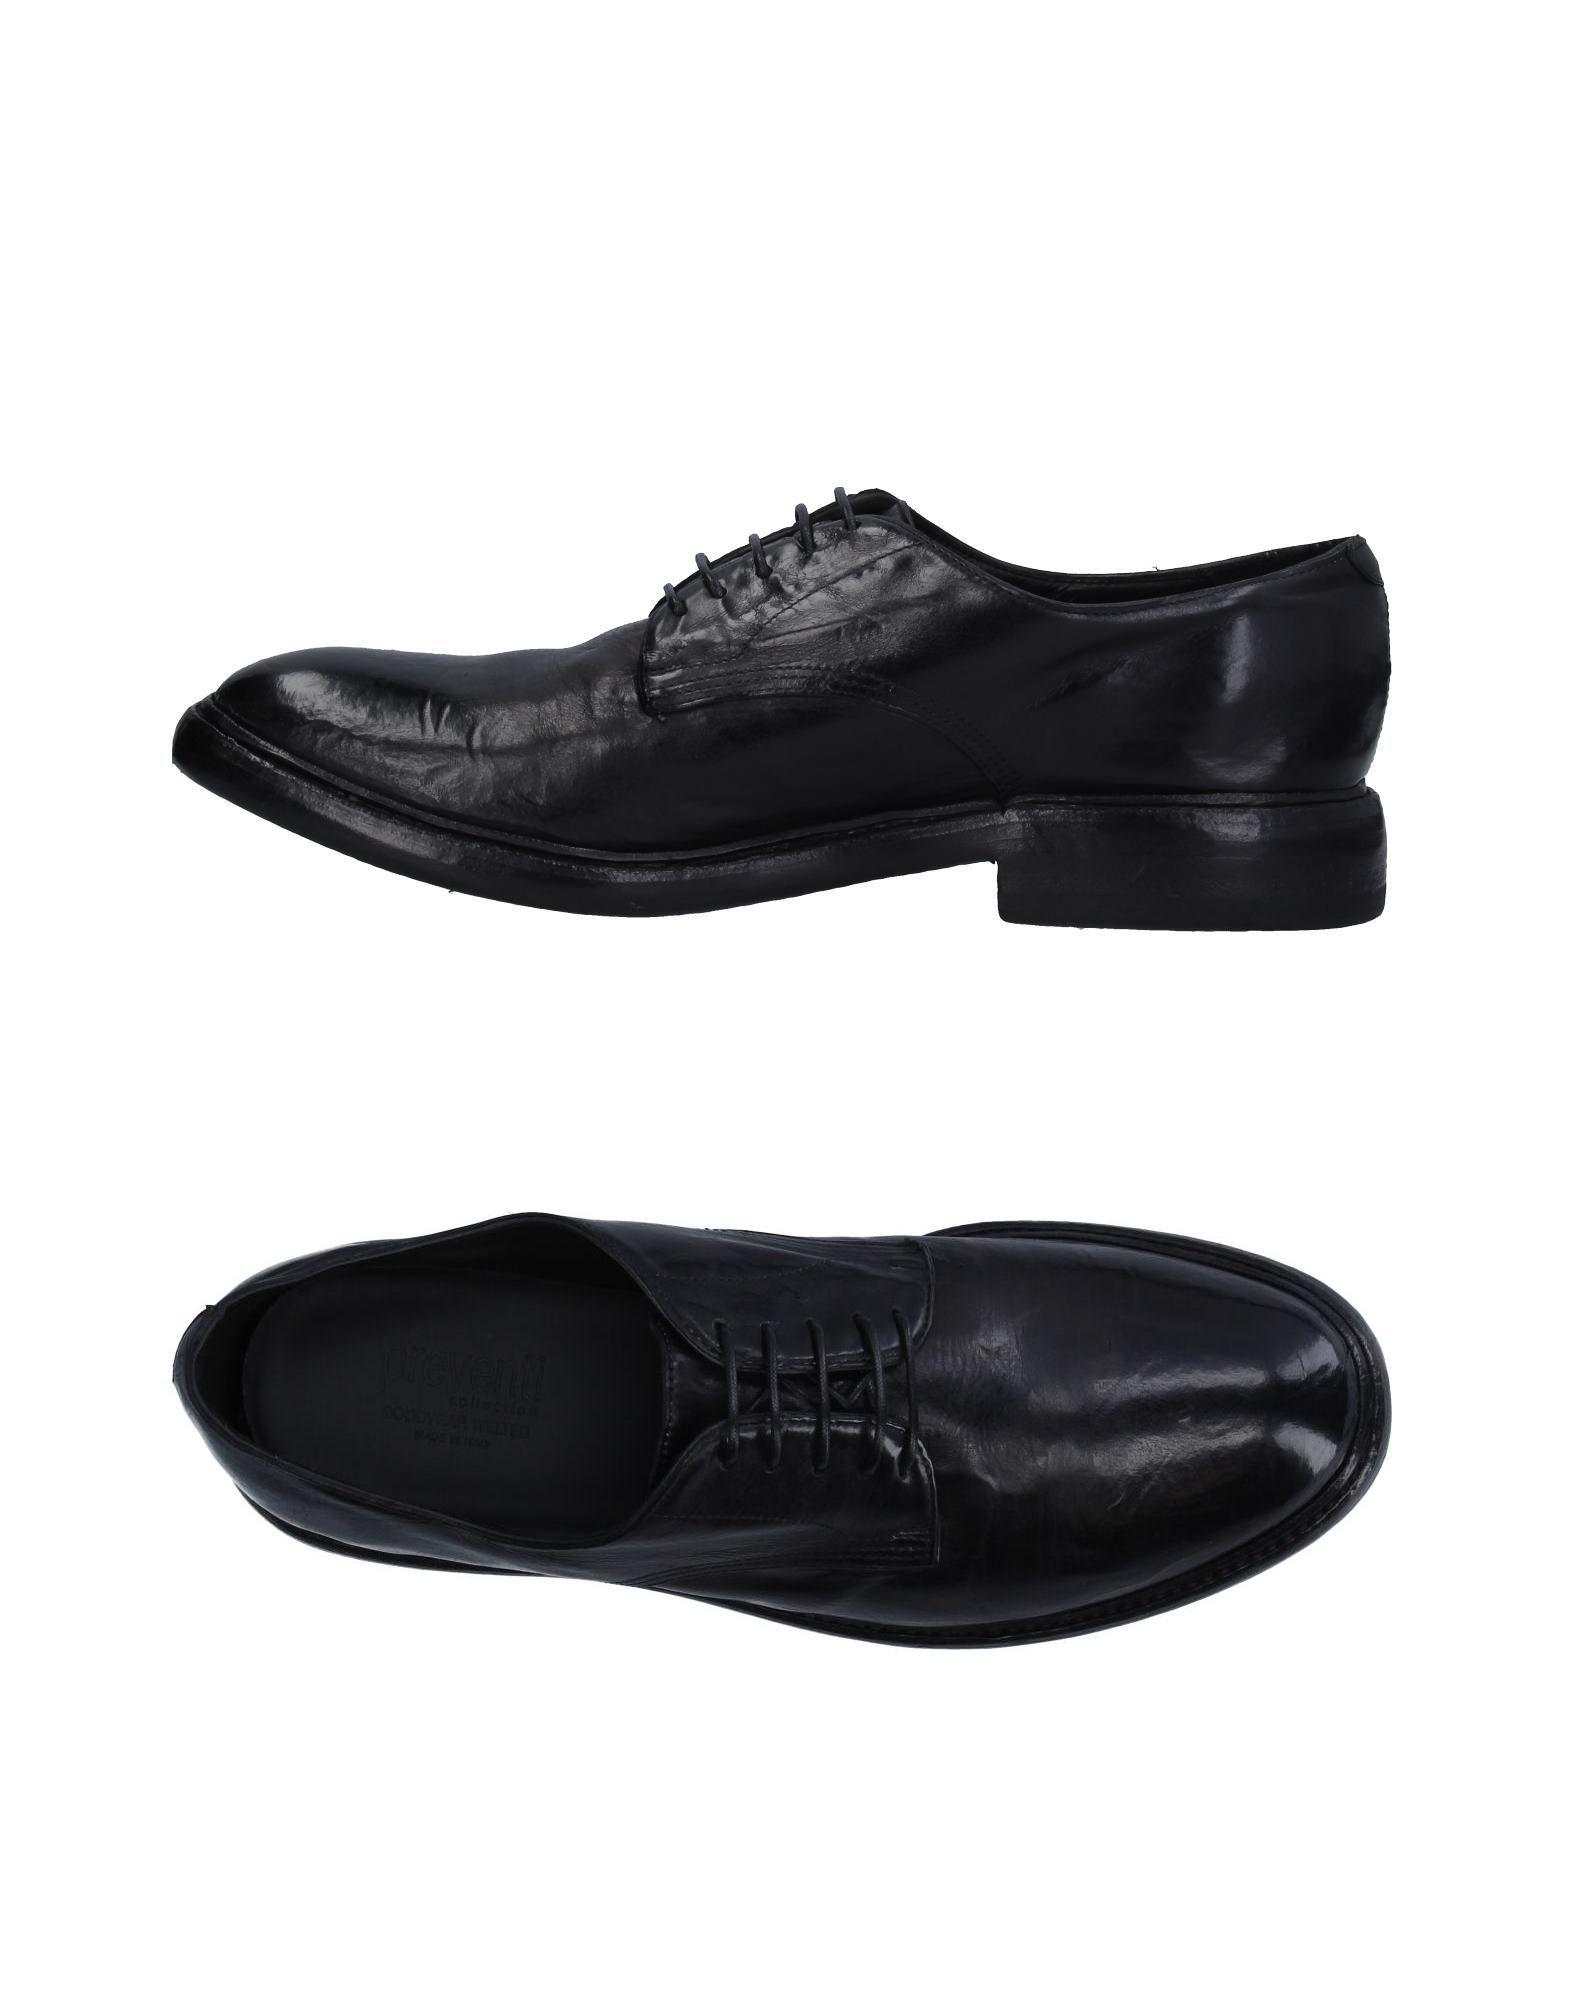 Sneakers Munich Donna - 11446386HI Scarpe economiche e buone